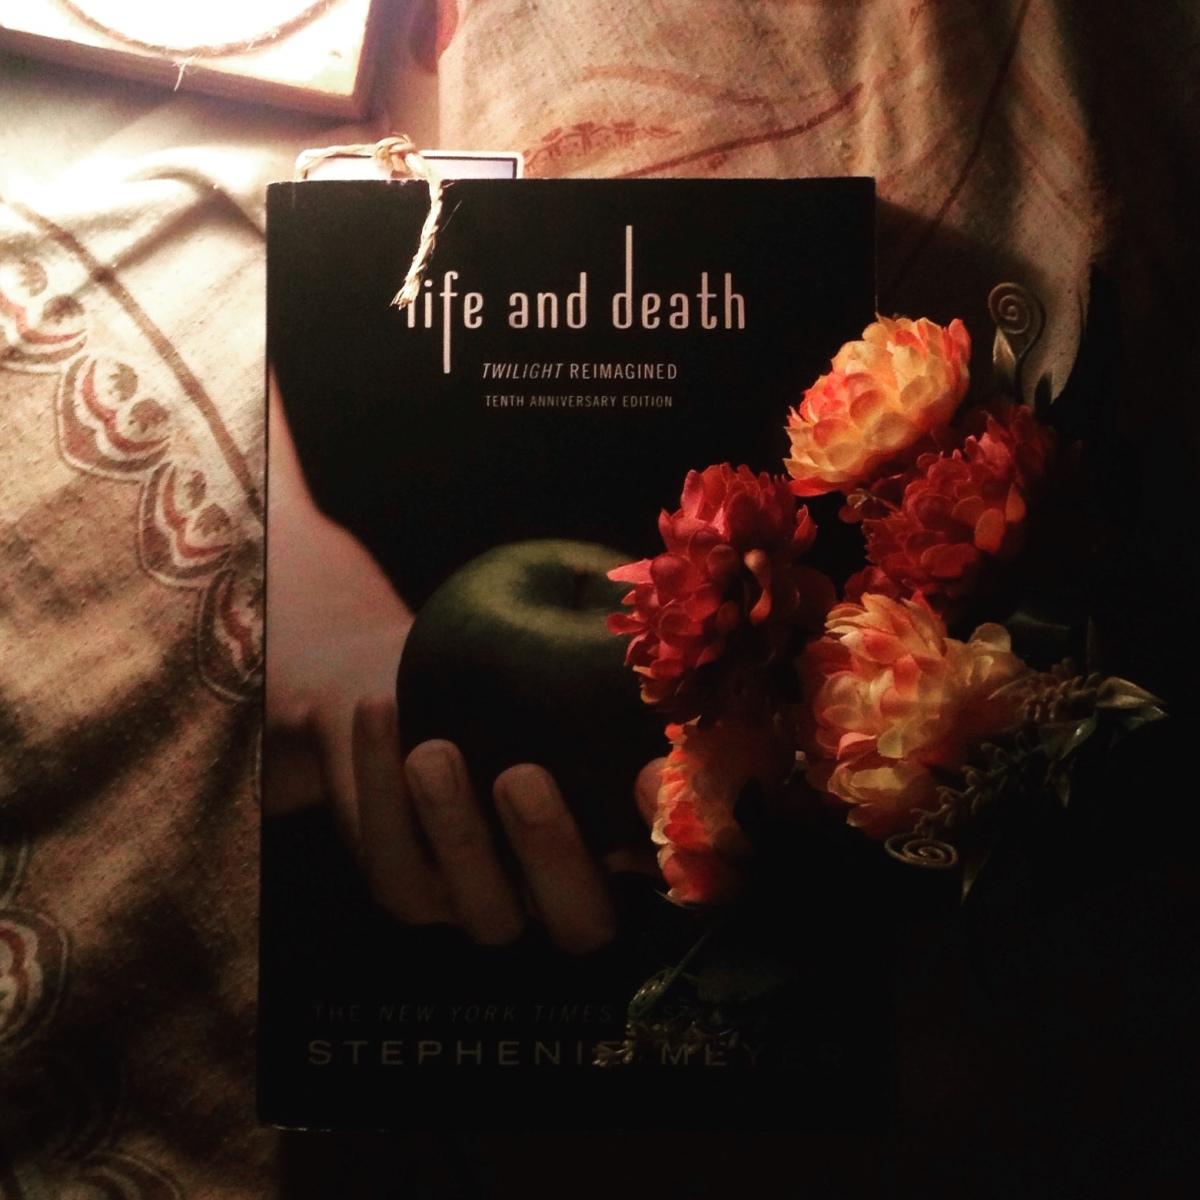 life and death stephenie meyer epub